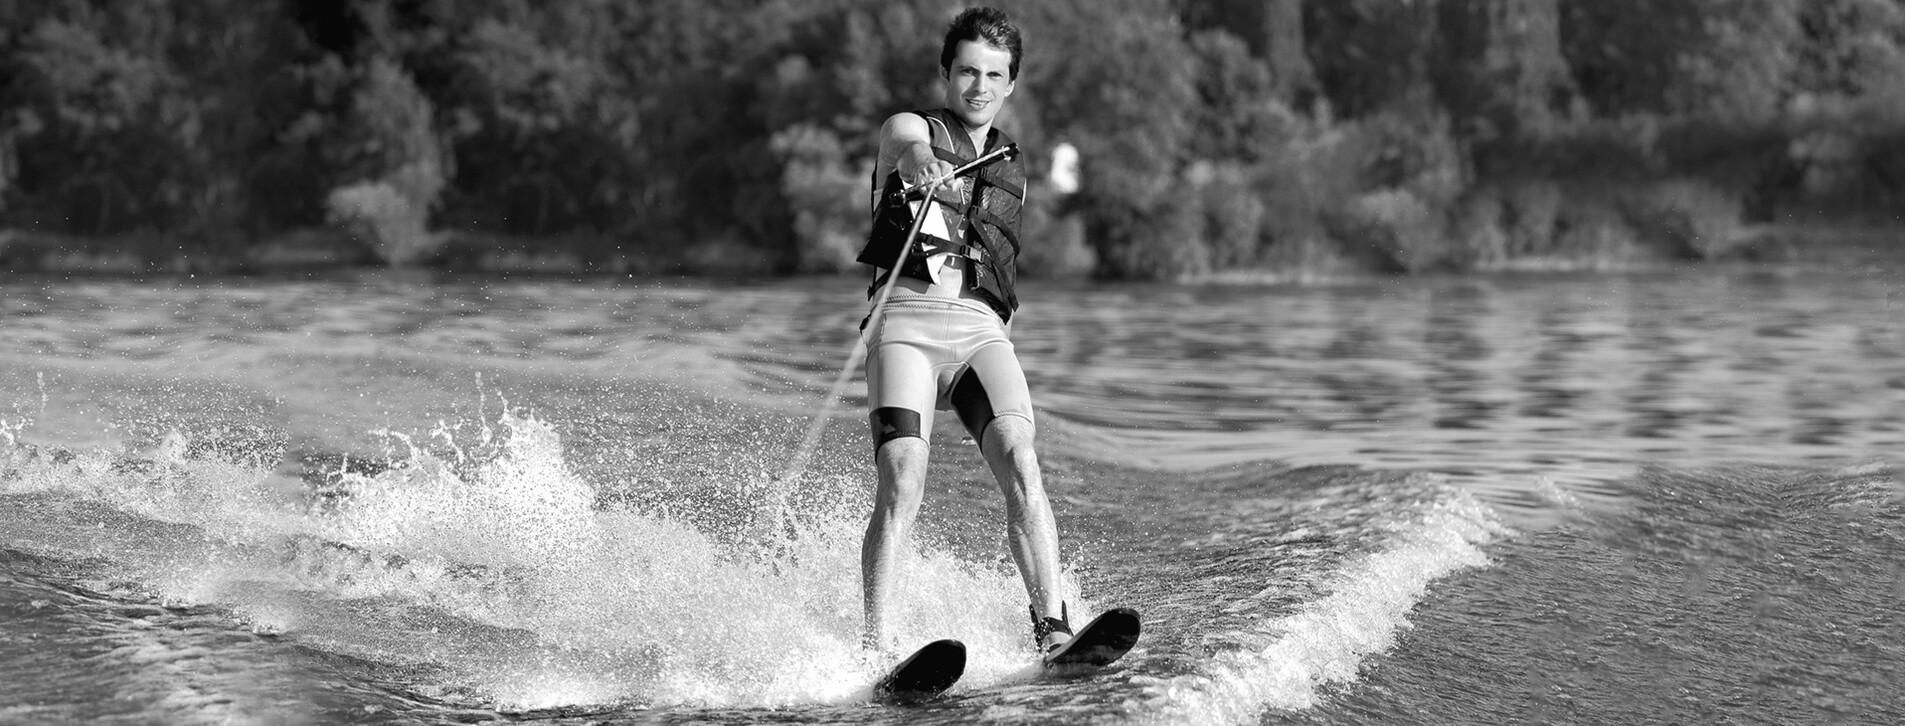 Фото 1 - Катання на водних лижах для двох